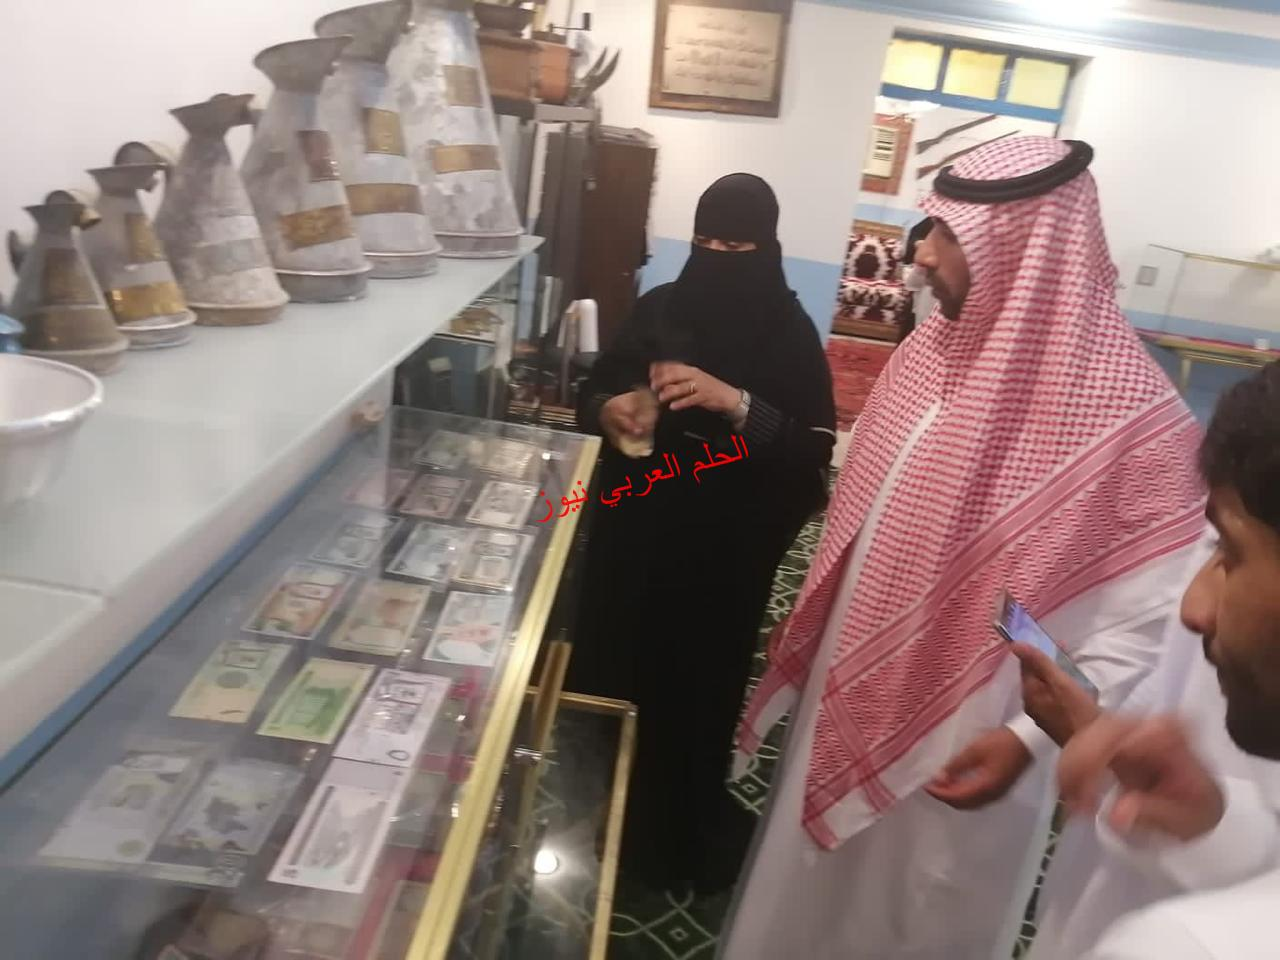 مواطنة سعودية تعيد الإرث الحجازي على الواجهة.